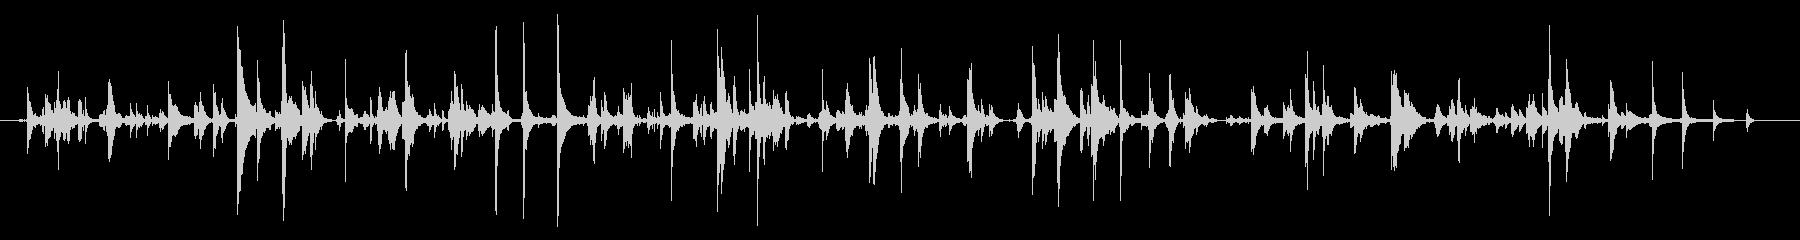 キー キーホルダースモールラトルエ...の未再生の波形